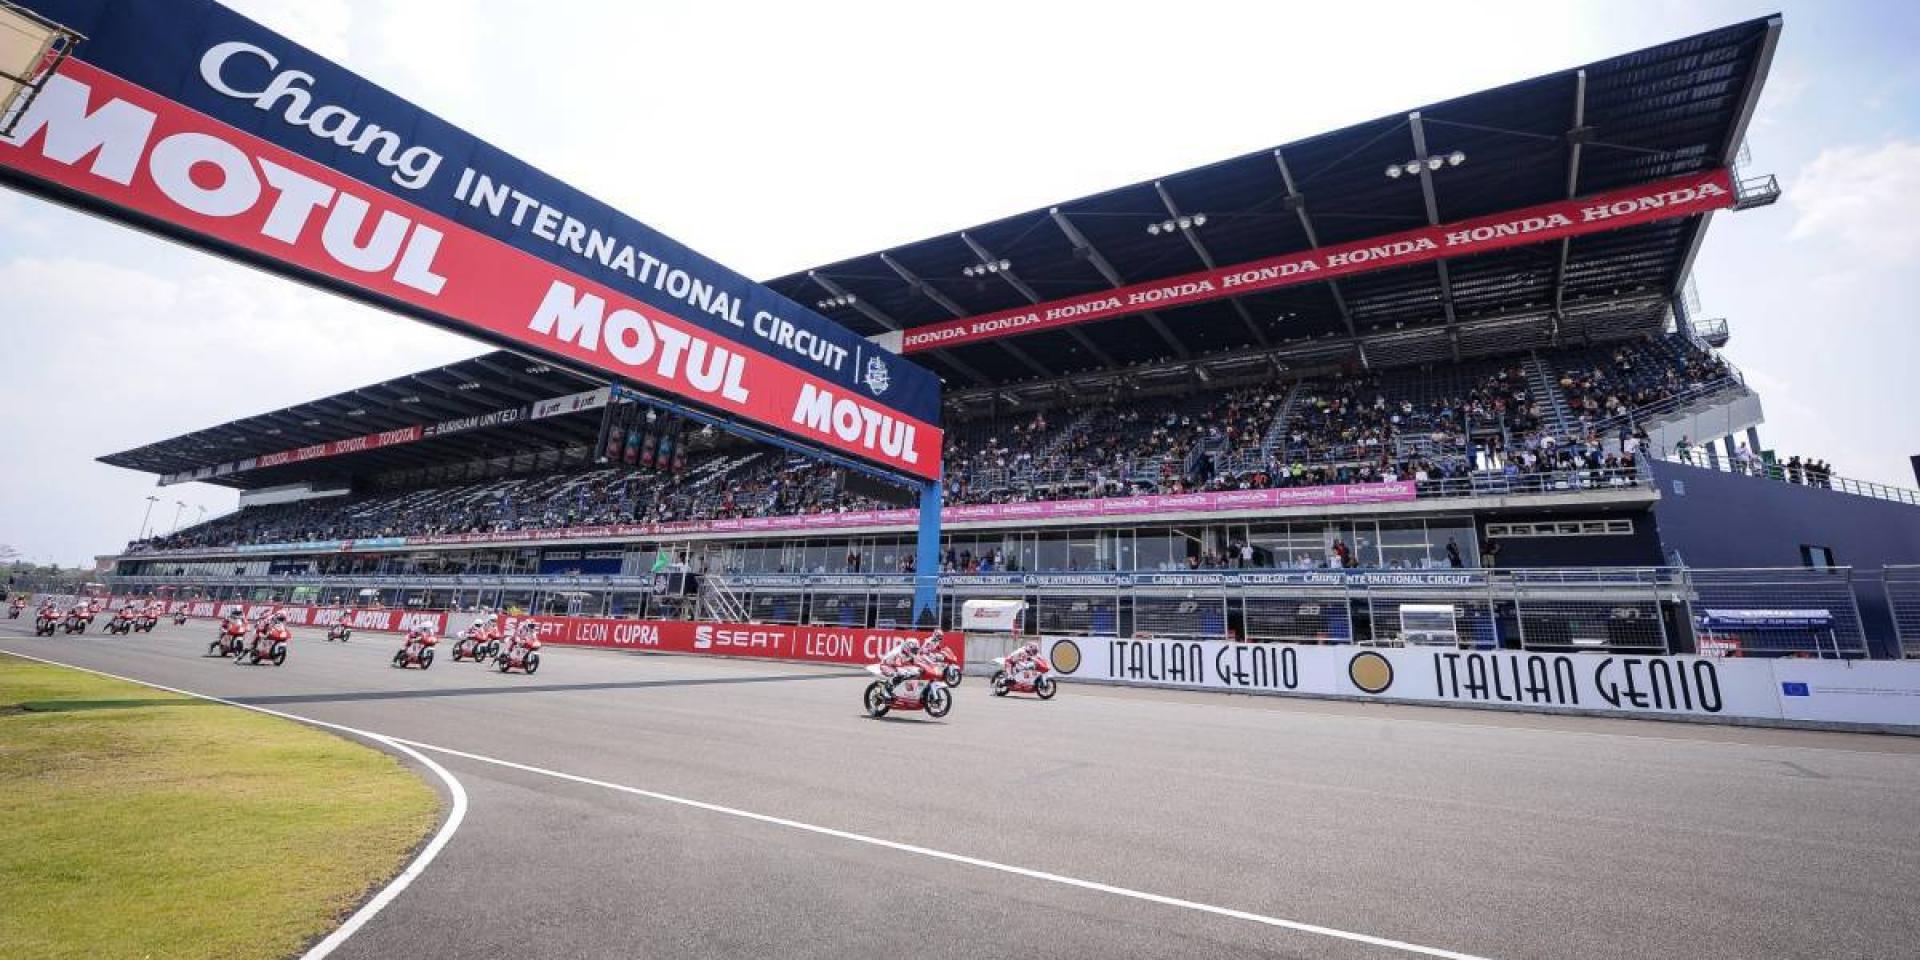 今年確定沒有泰國站!Buriram賽道暫緩與MotoGP的五年合約簽署!